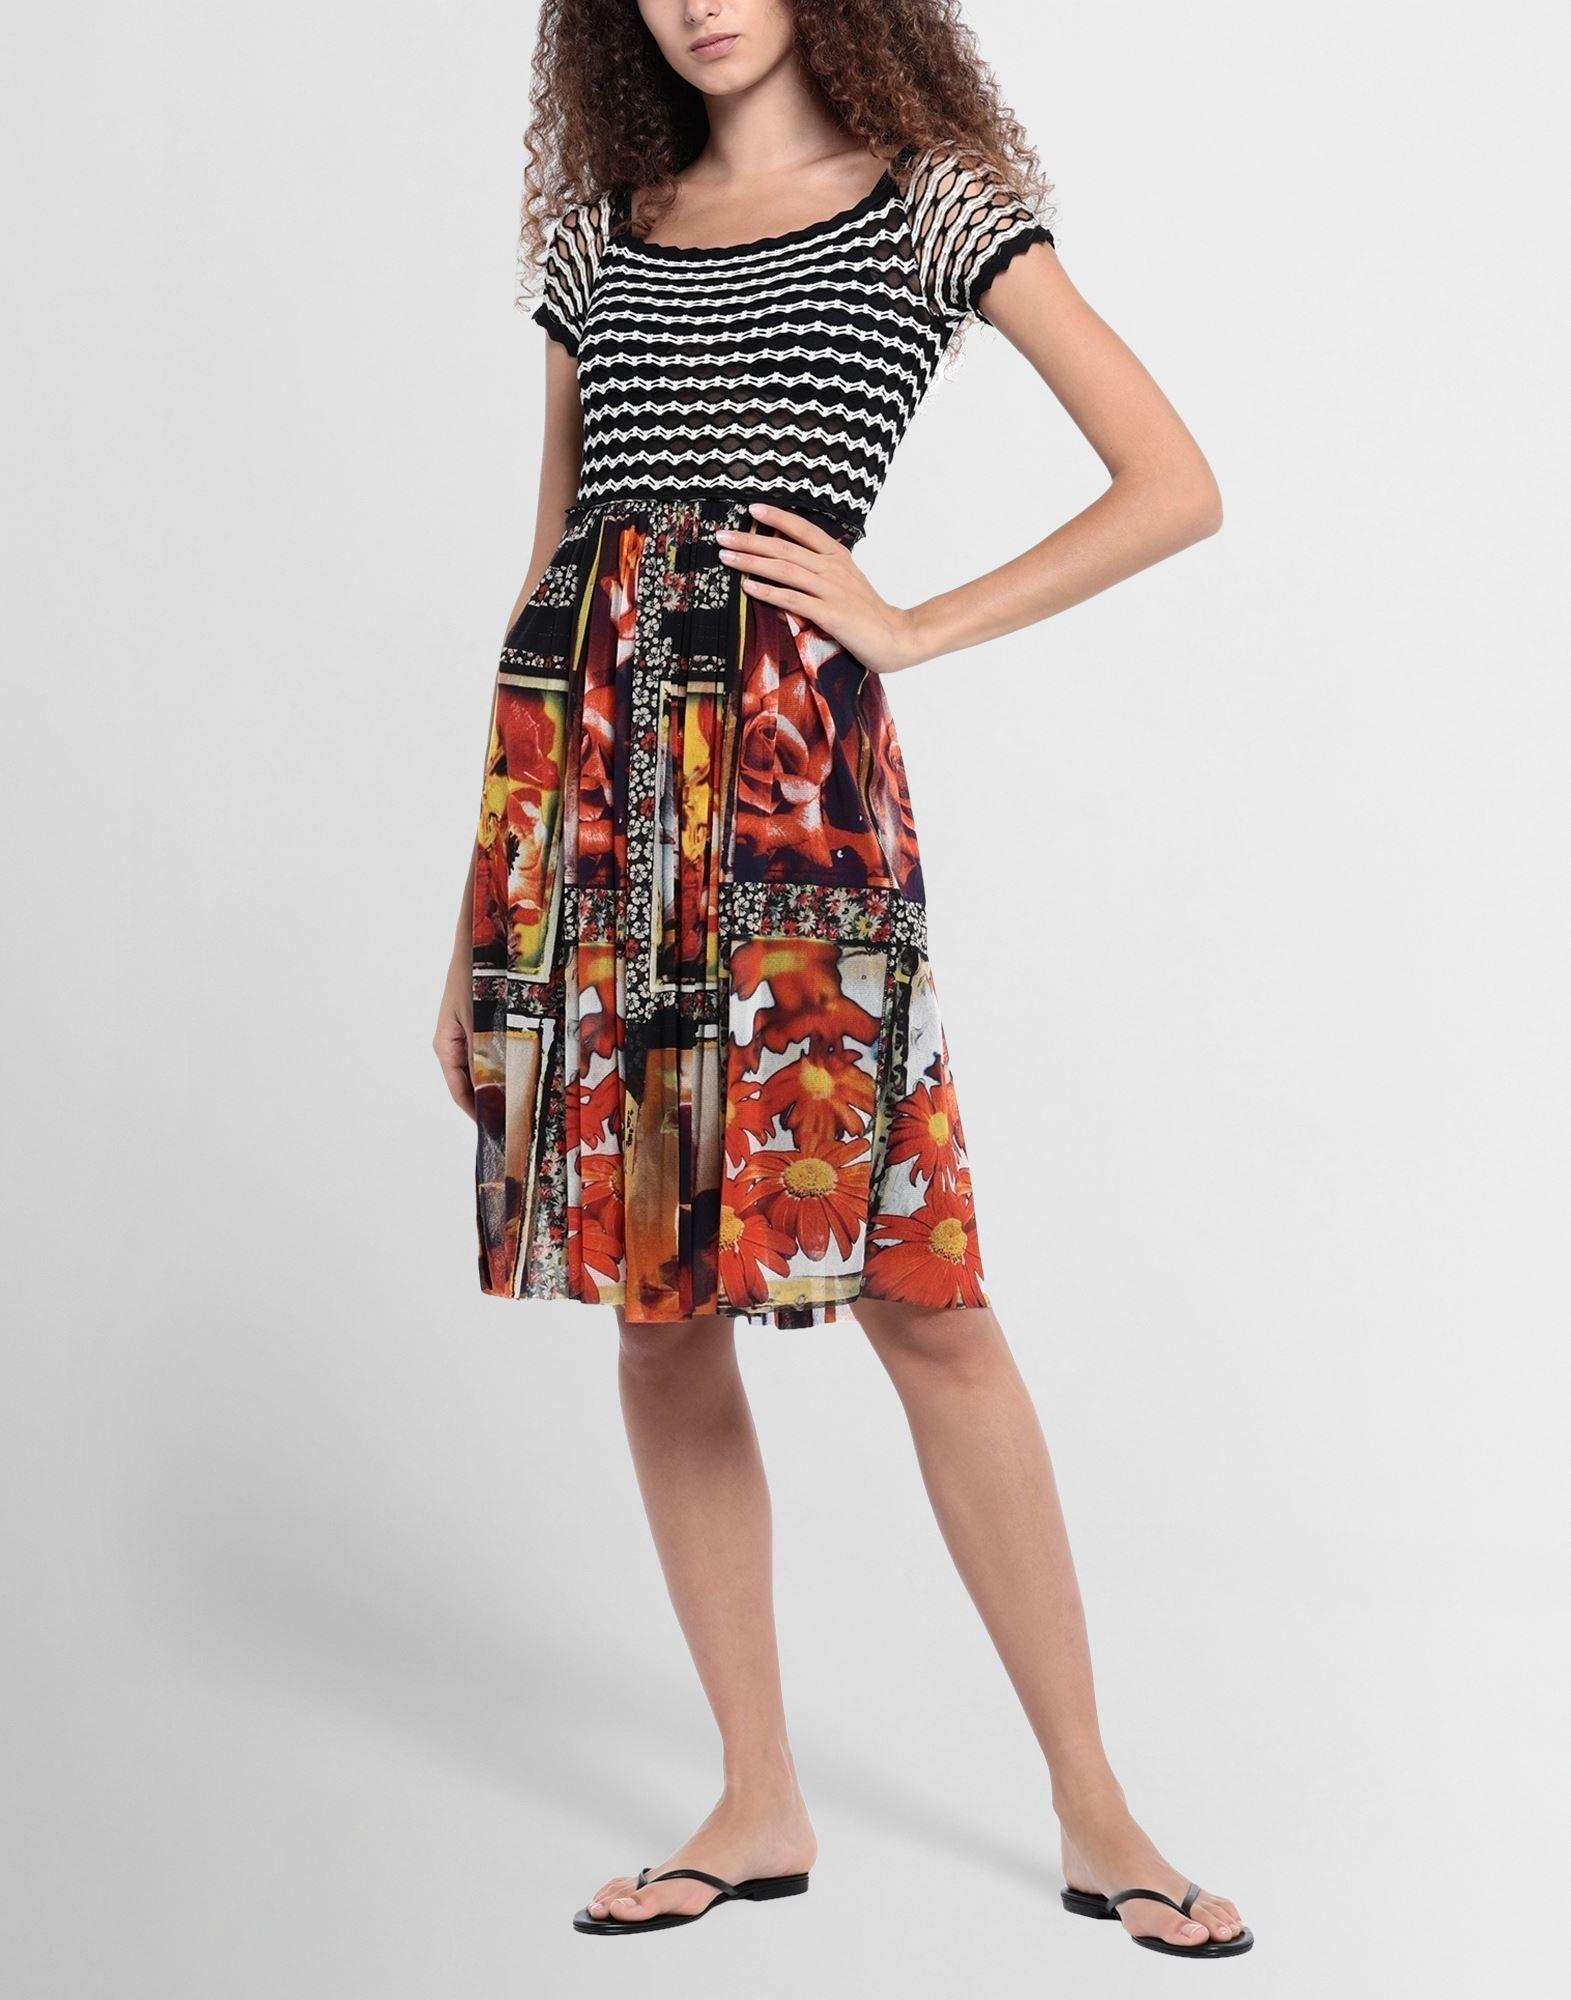 Фото - JEAN PAUL GAULTIER SOLEIL Пляжное платье jean paul gaultier soleil юбка до колена